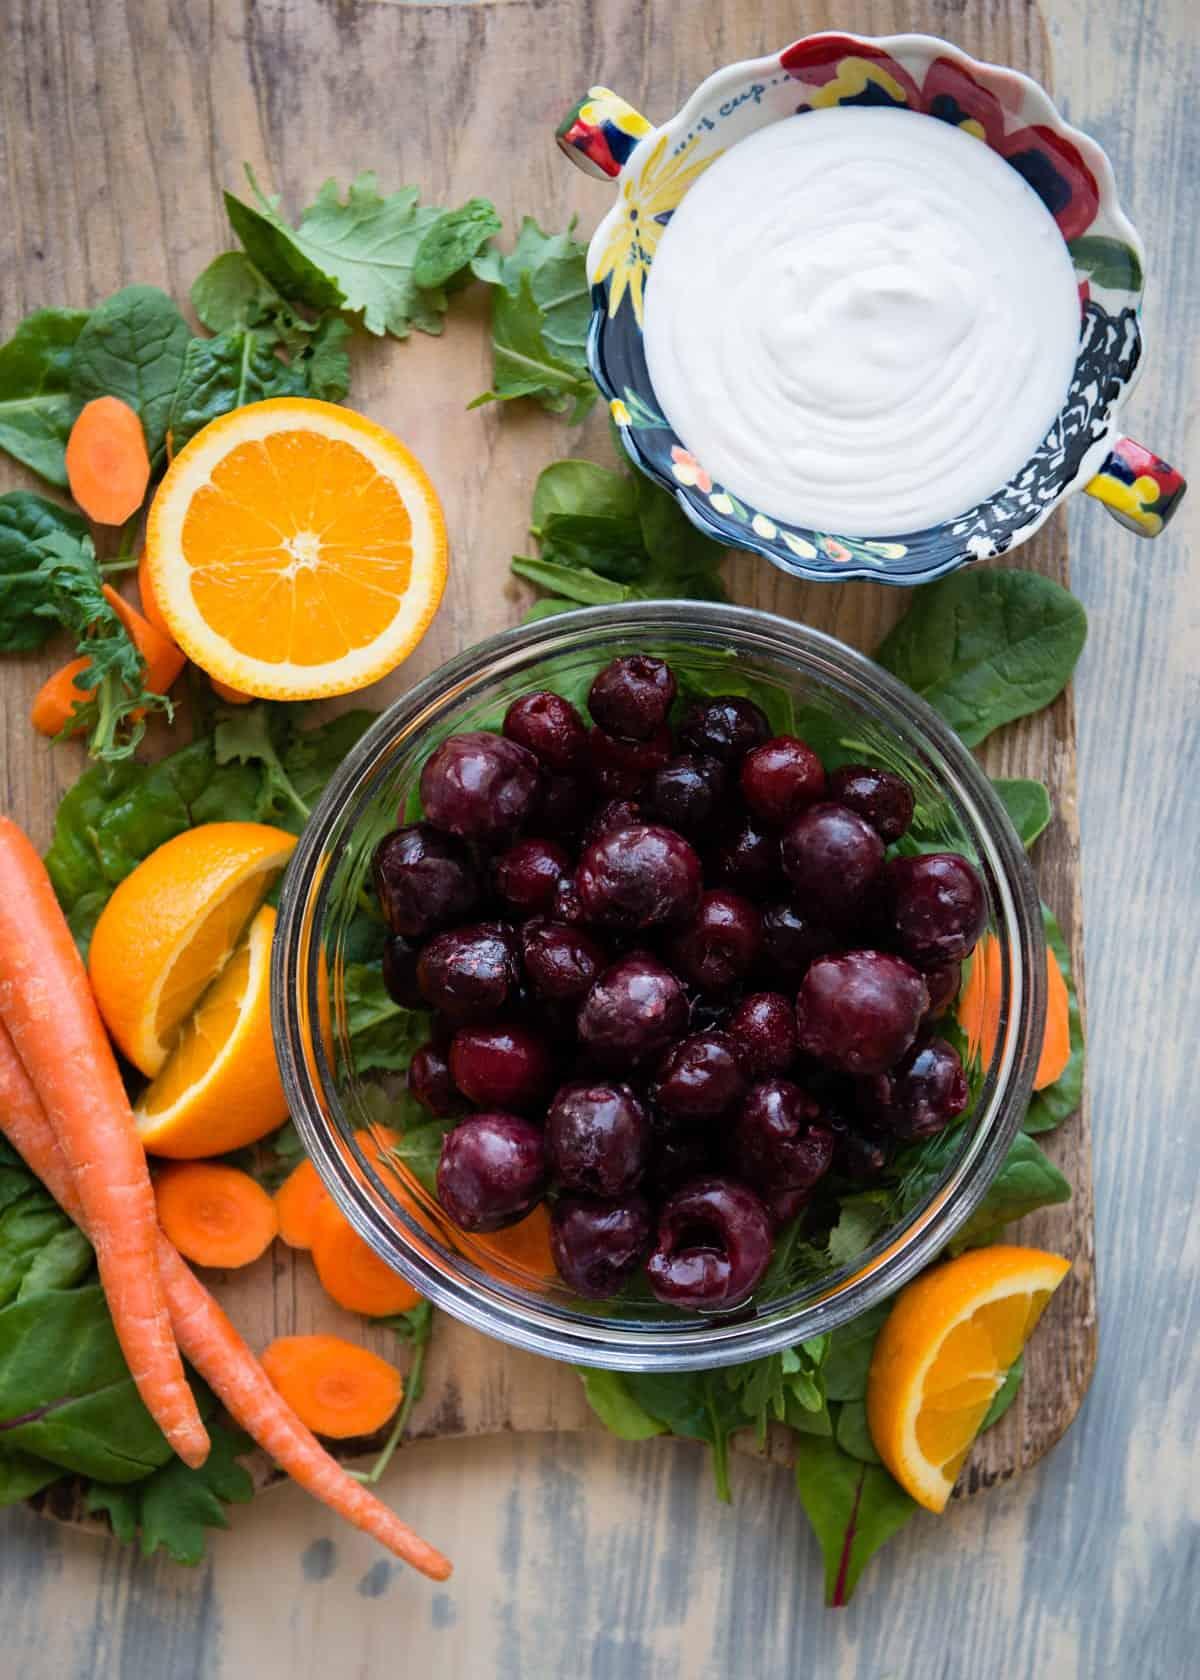 Paleo smoothie recipe with cherries